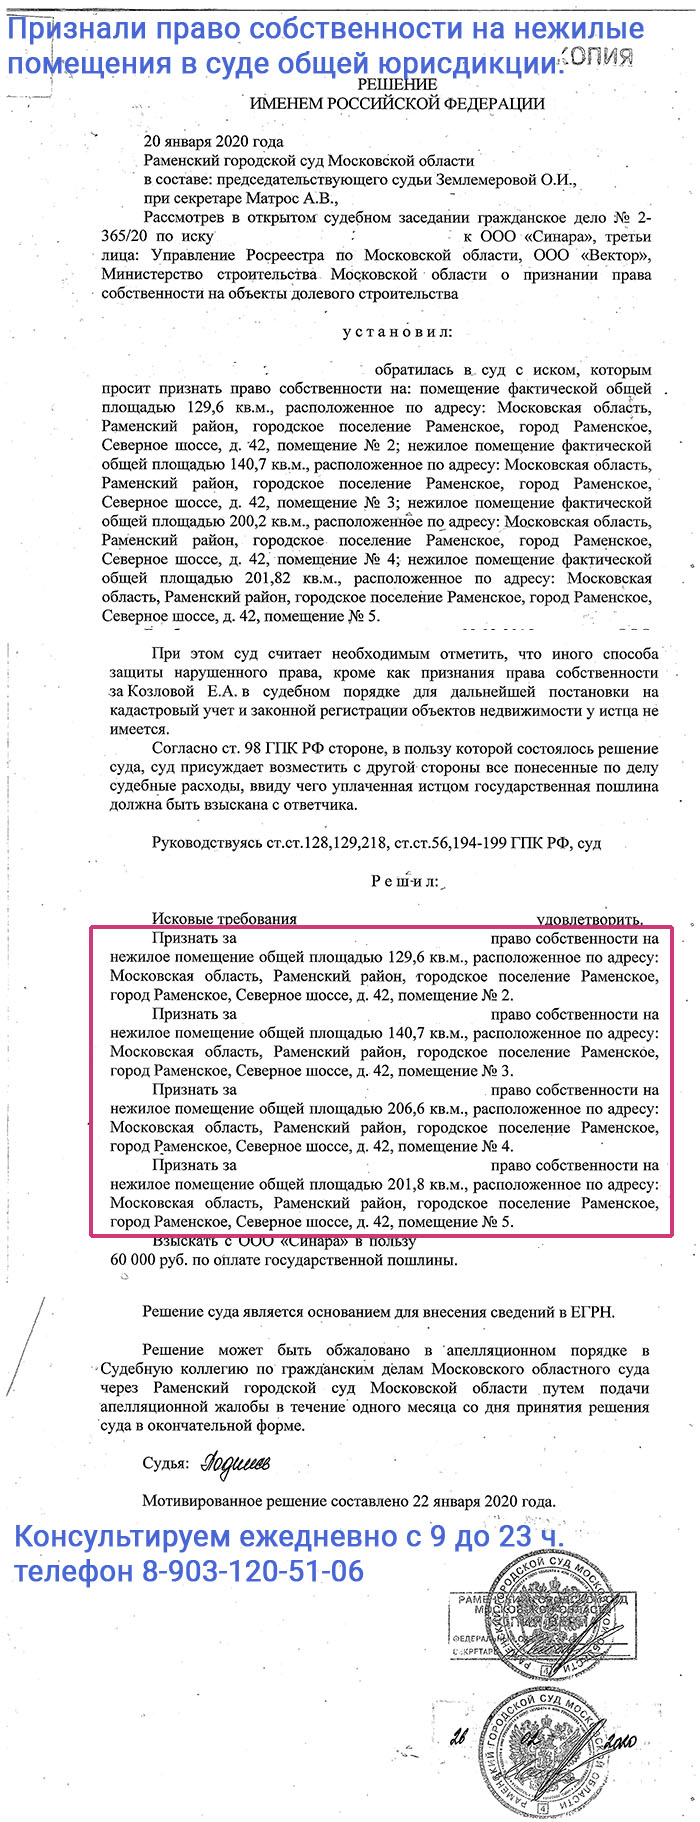 Решение о признании права собственности на нежилые помещения в суде общей юристдикции